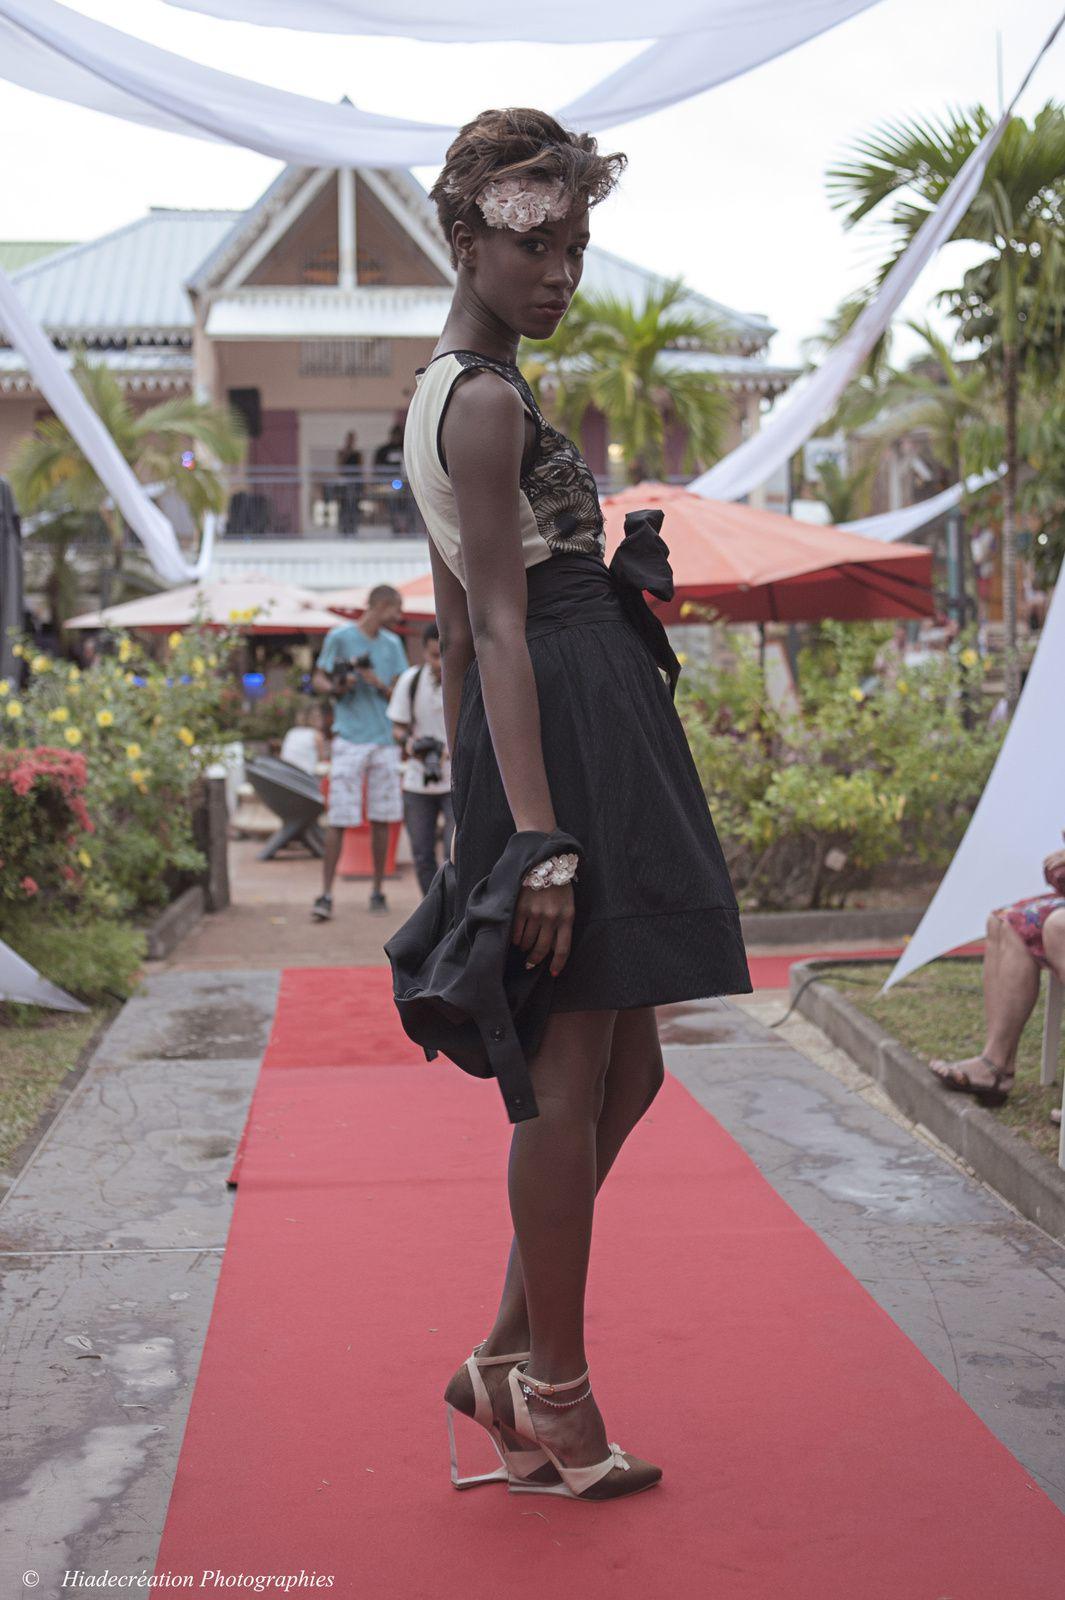 Ô Ruban Rose vous a présenté Les Demoiselles du Boudoir:Les petites robes Obligatoires